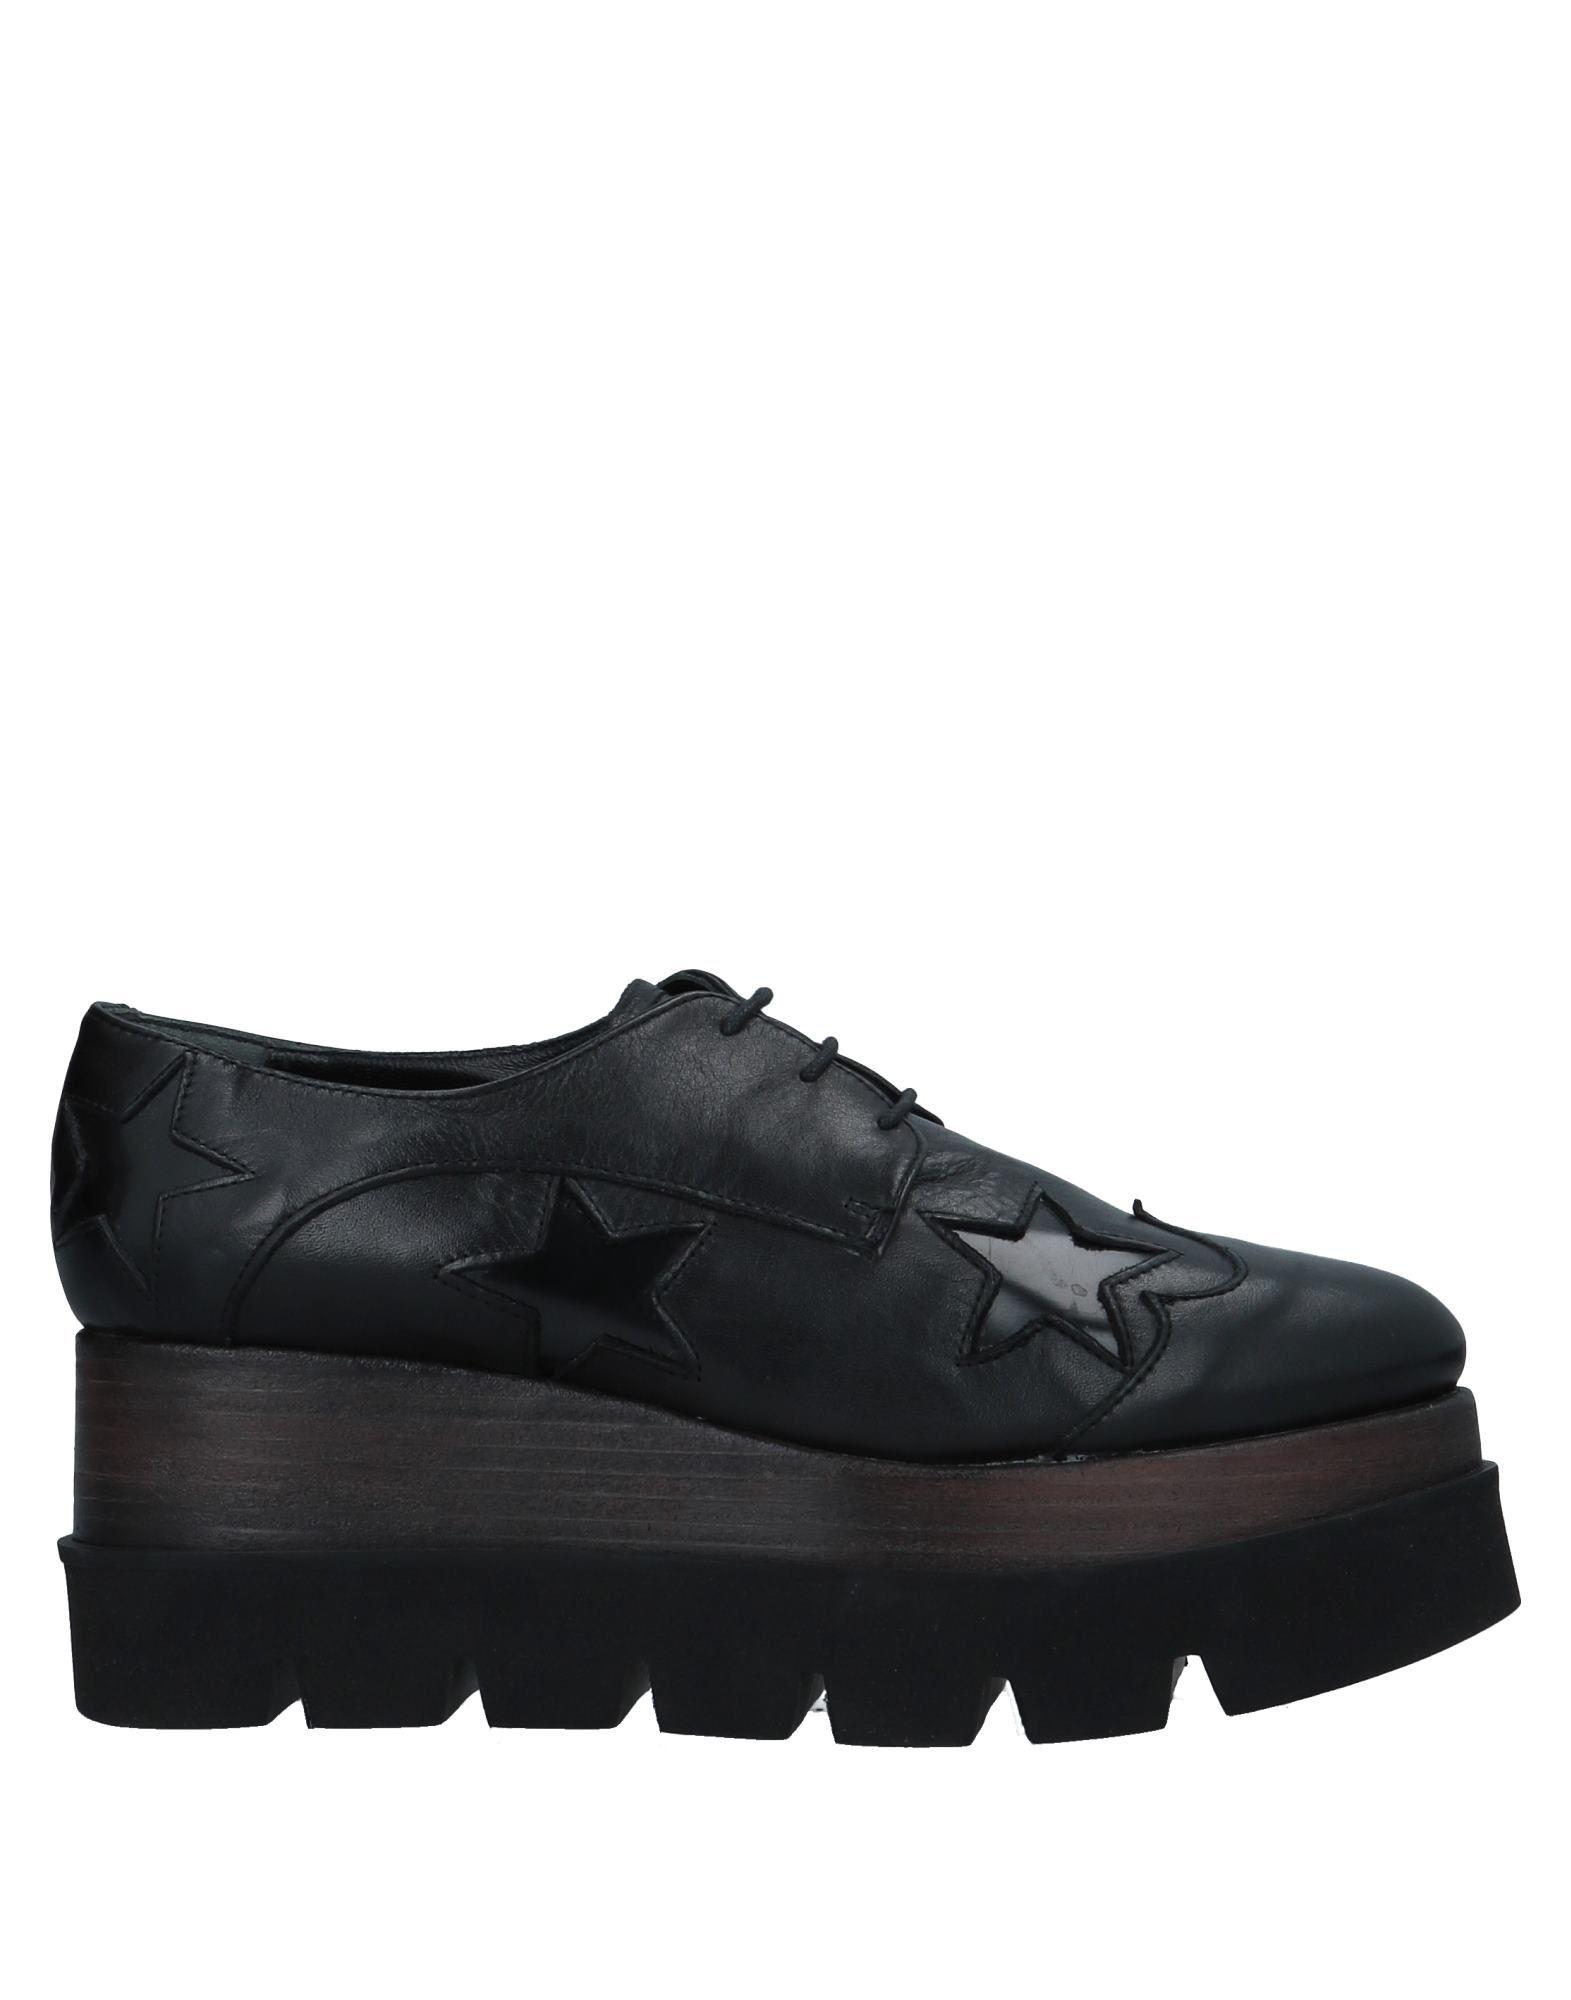 VIAPANTALEONI® Обувь на шнурках coso мужская обувь деловая одежда обувь мужская обувь обувь обувь обувь обувь обувь обувь c731 черный 43 ярдов